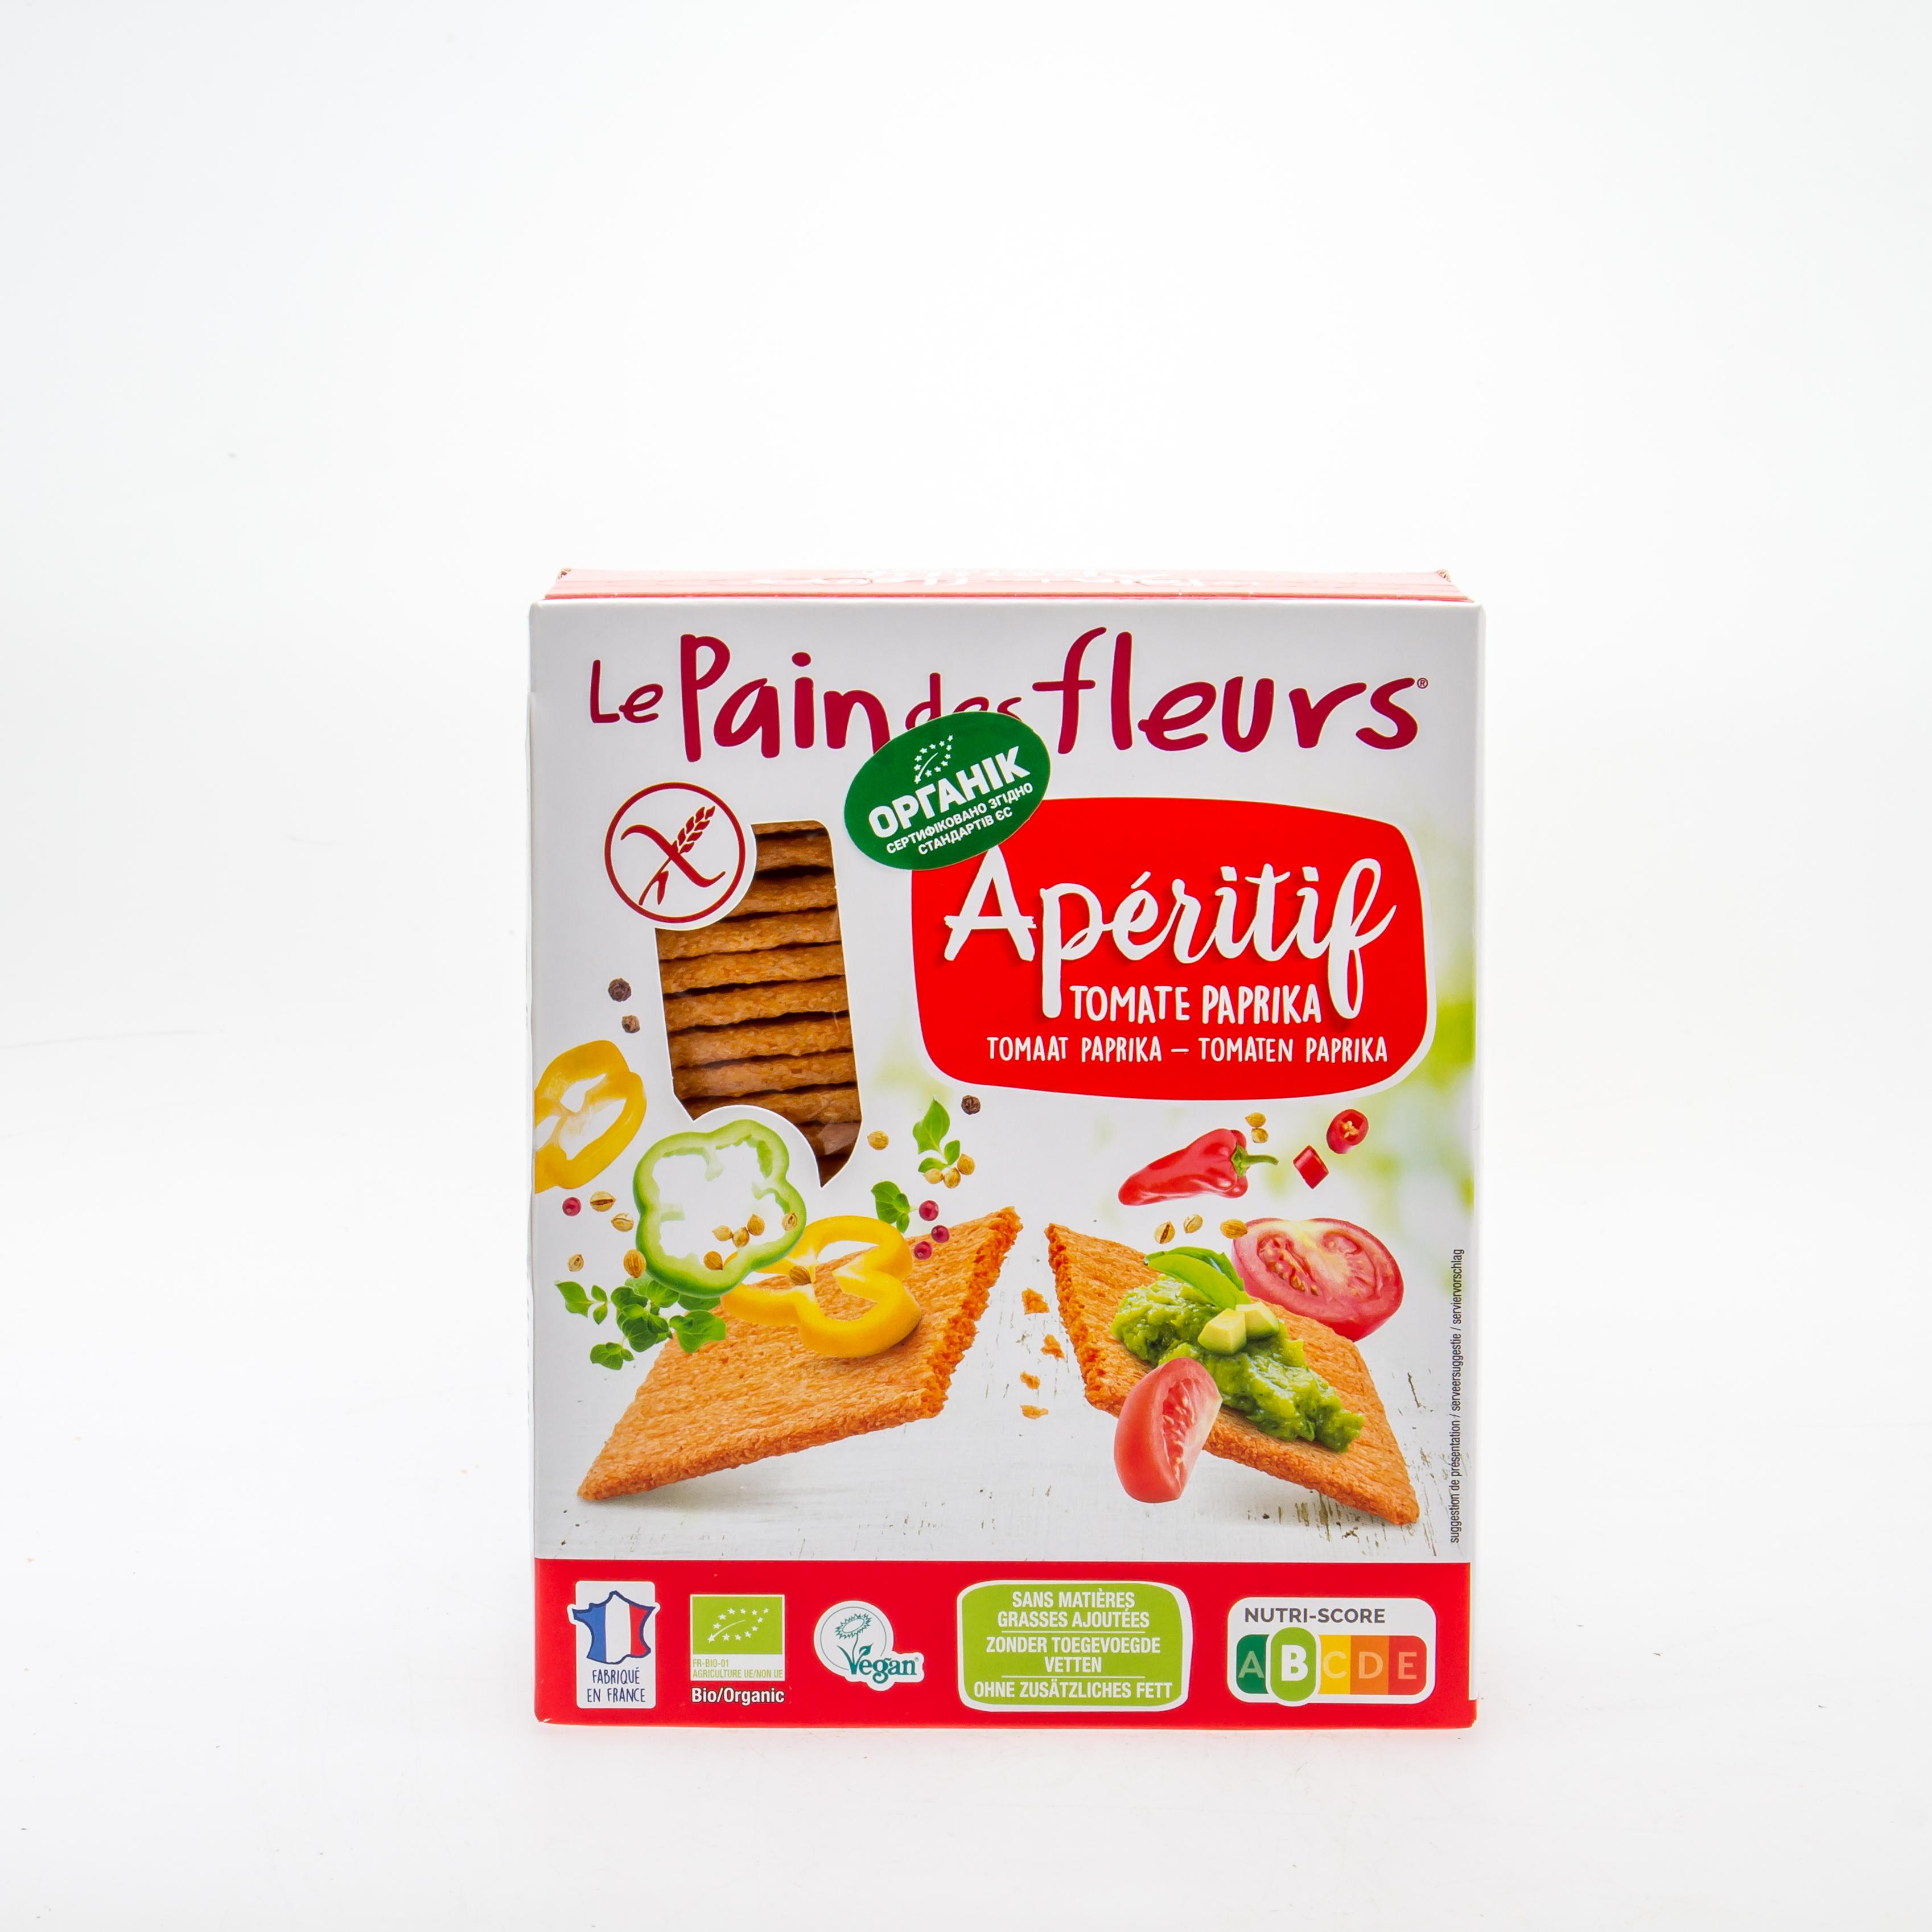 Органічні хрусткі хлібці з паприкою та помідором (без глютену) 150 гр. - купить в интернет-магазине Юнимед